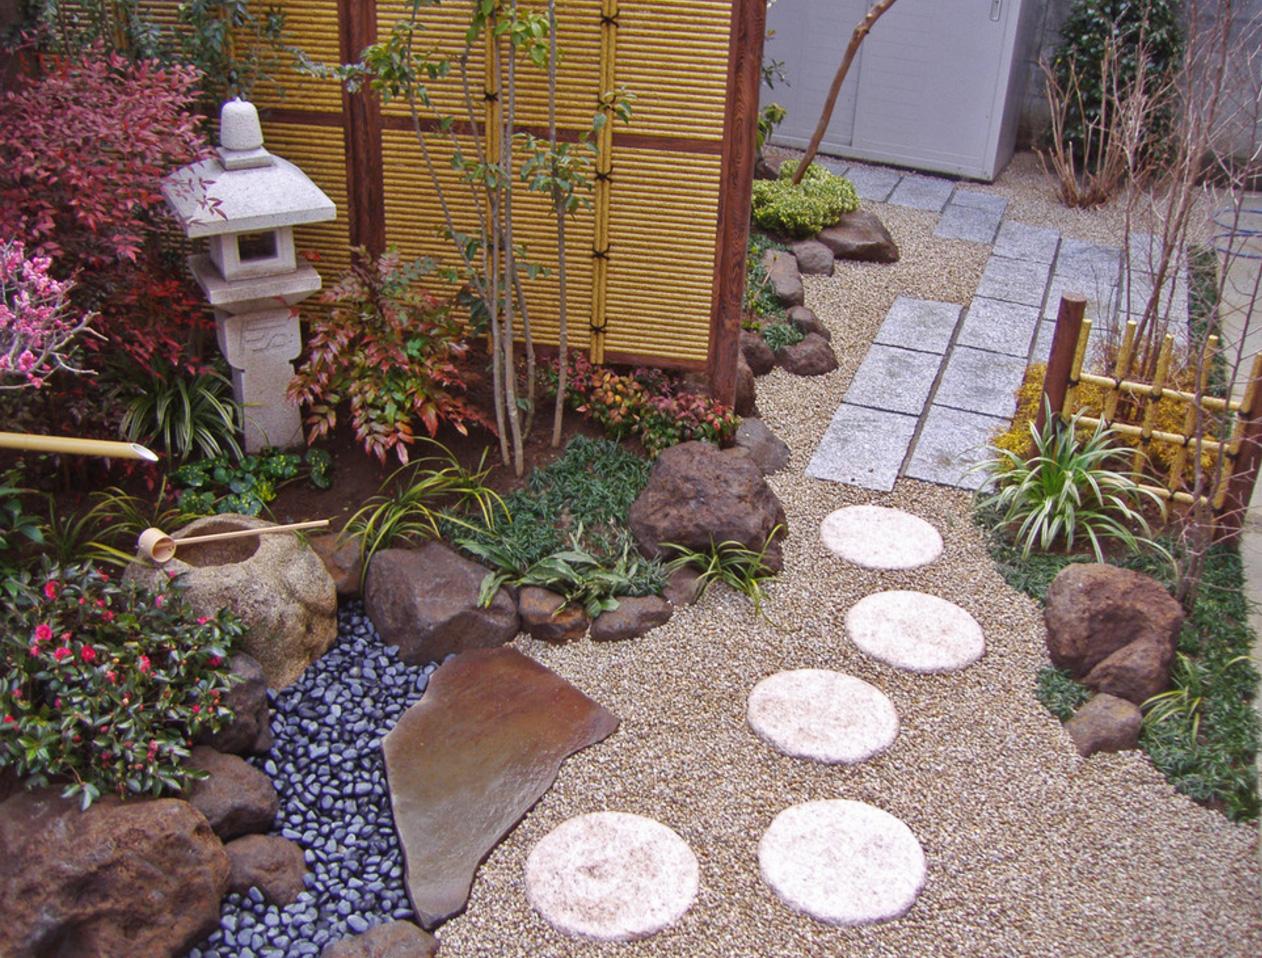 别墅庭院设计时如何防蚊驱蚊?